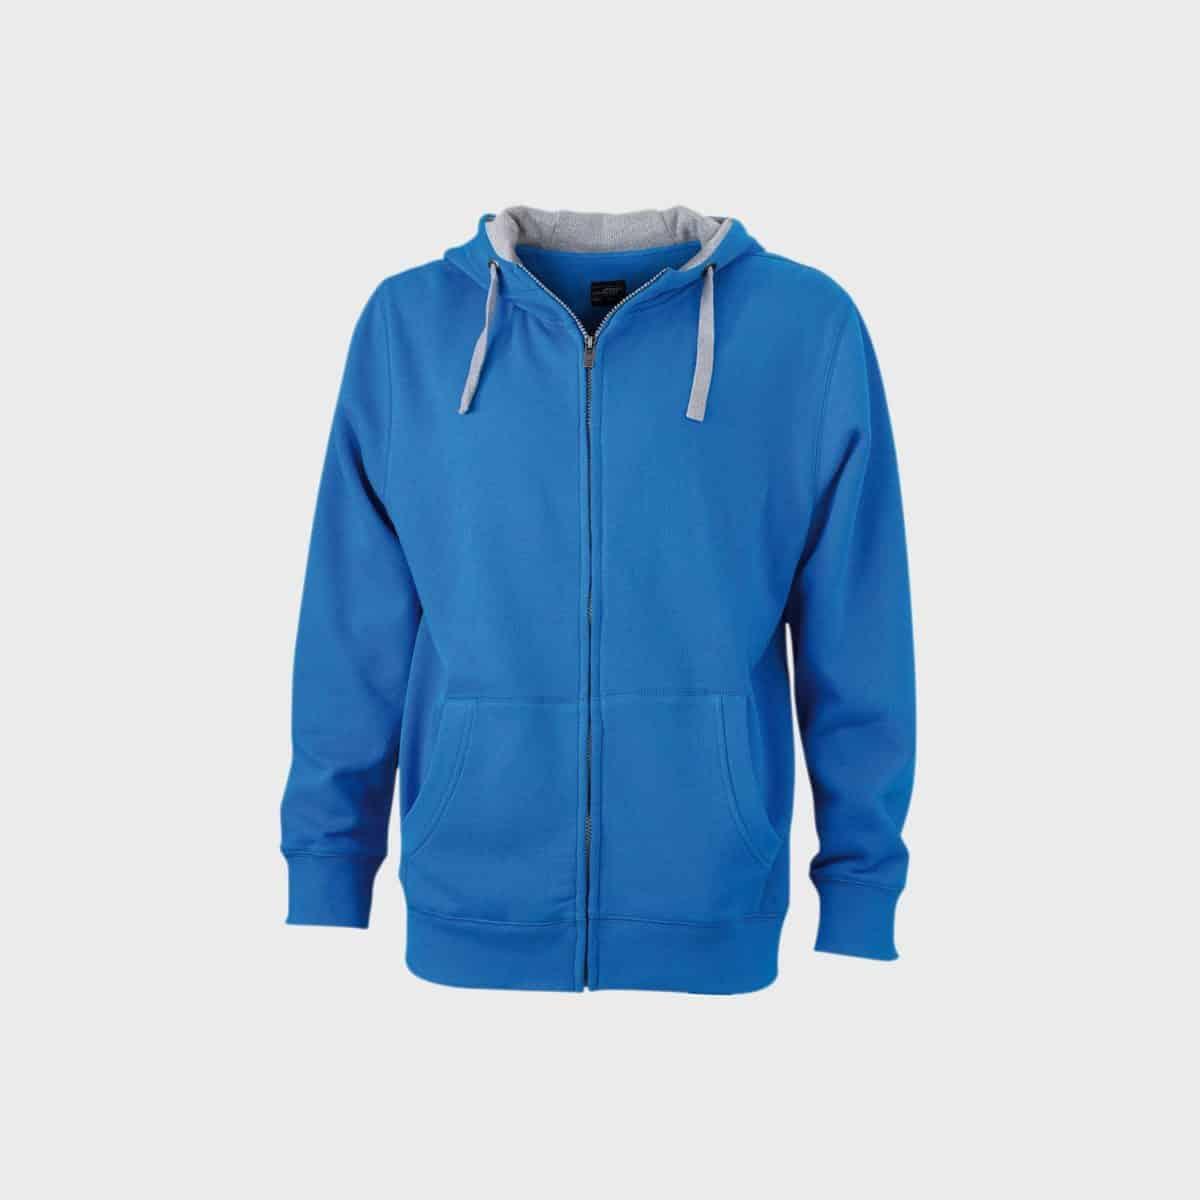 lifestyle-zip-hoodie-sweat-jacke-herren-cobalt-greyheather-kaufen-besticken_stickmanufaktur